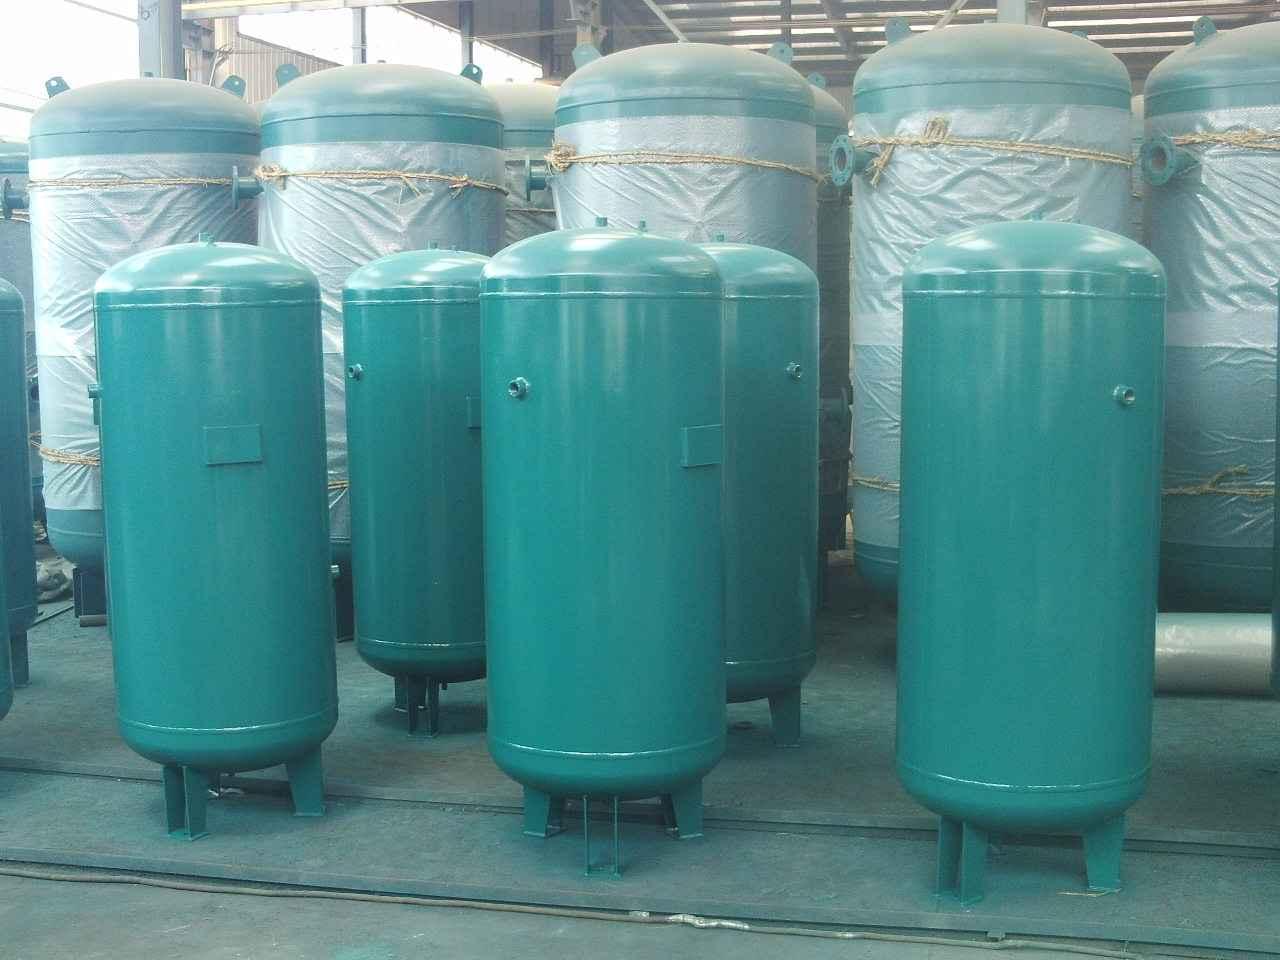 导致储气罐腐蚀和生锈的原因是什么?